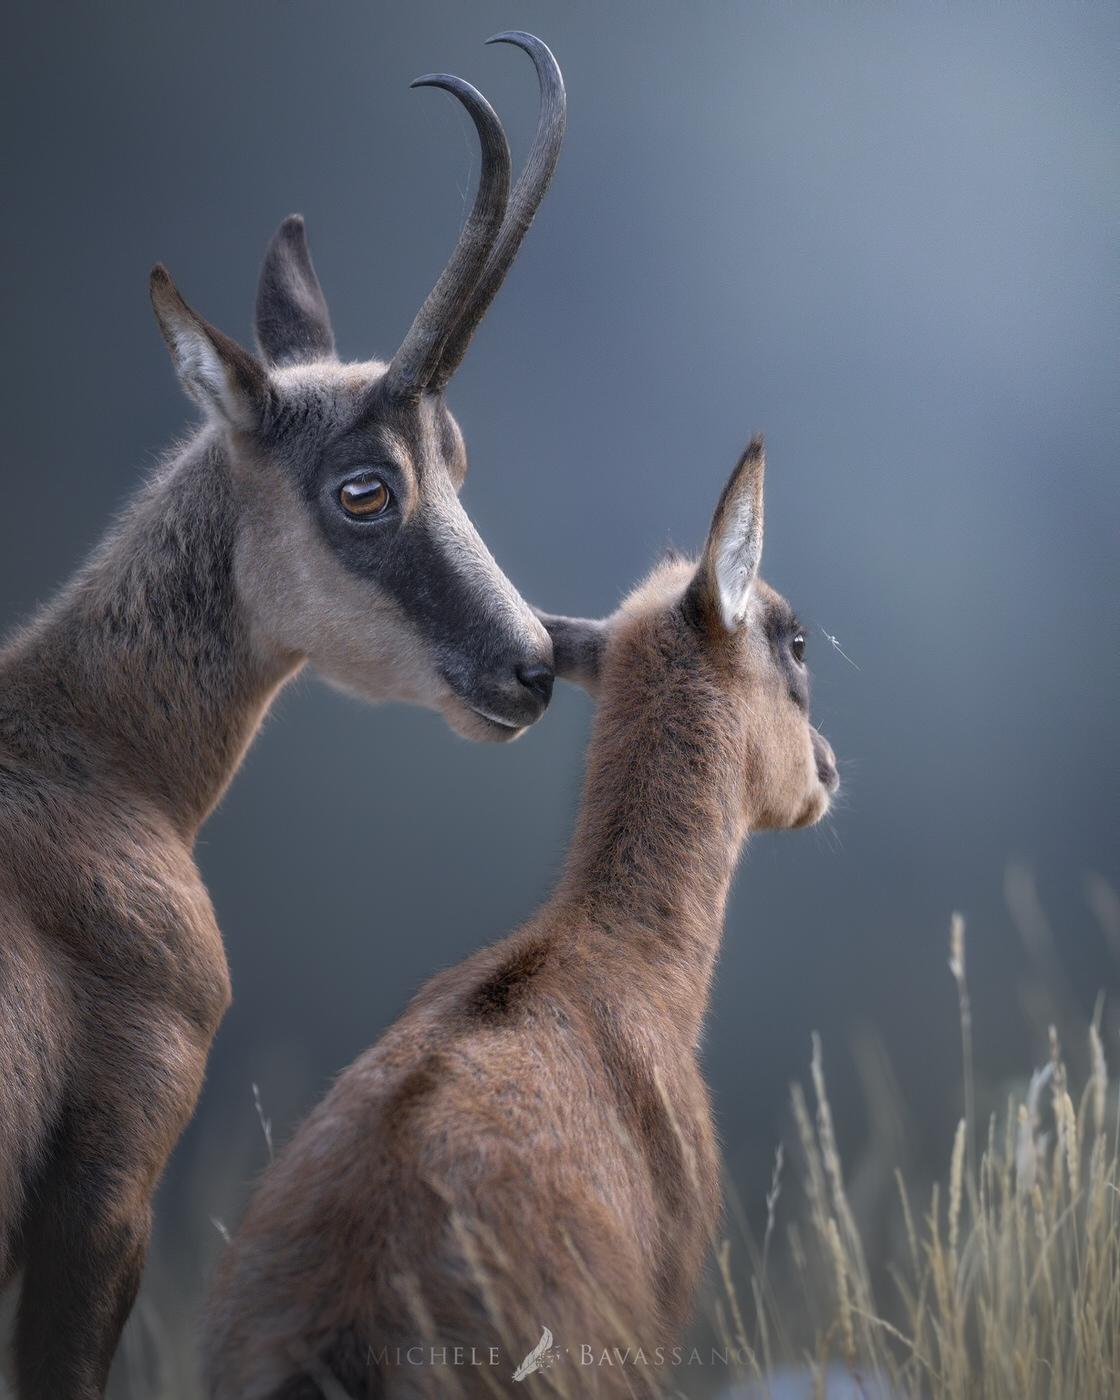 camoscio appenninico parco nazionale d'abruzzo fotografia naturalistica - Michele Bavassano